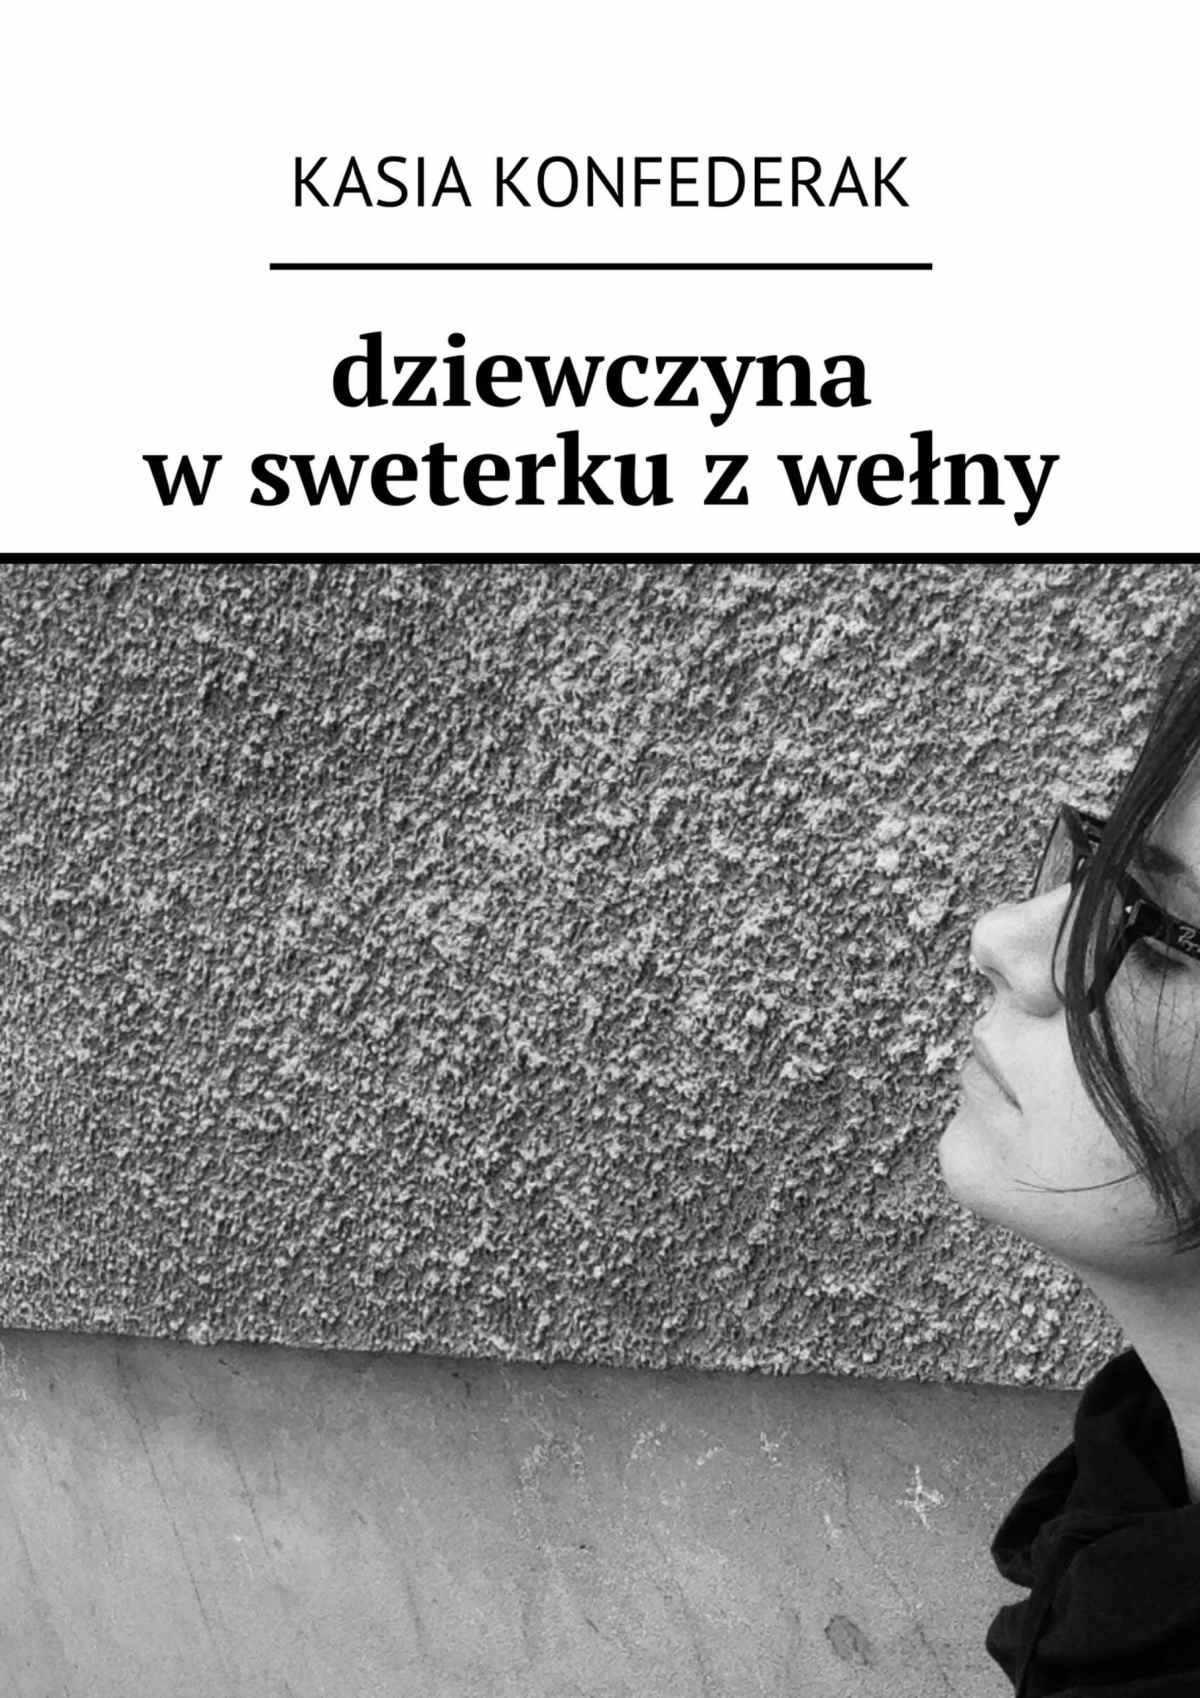 Dziewczyna w sweterku z wełny - Ebook (Książka EPUB) do pobrania w formacie EPUB